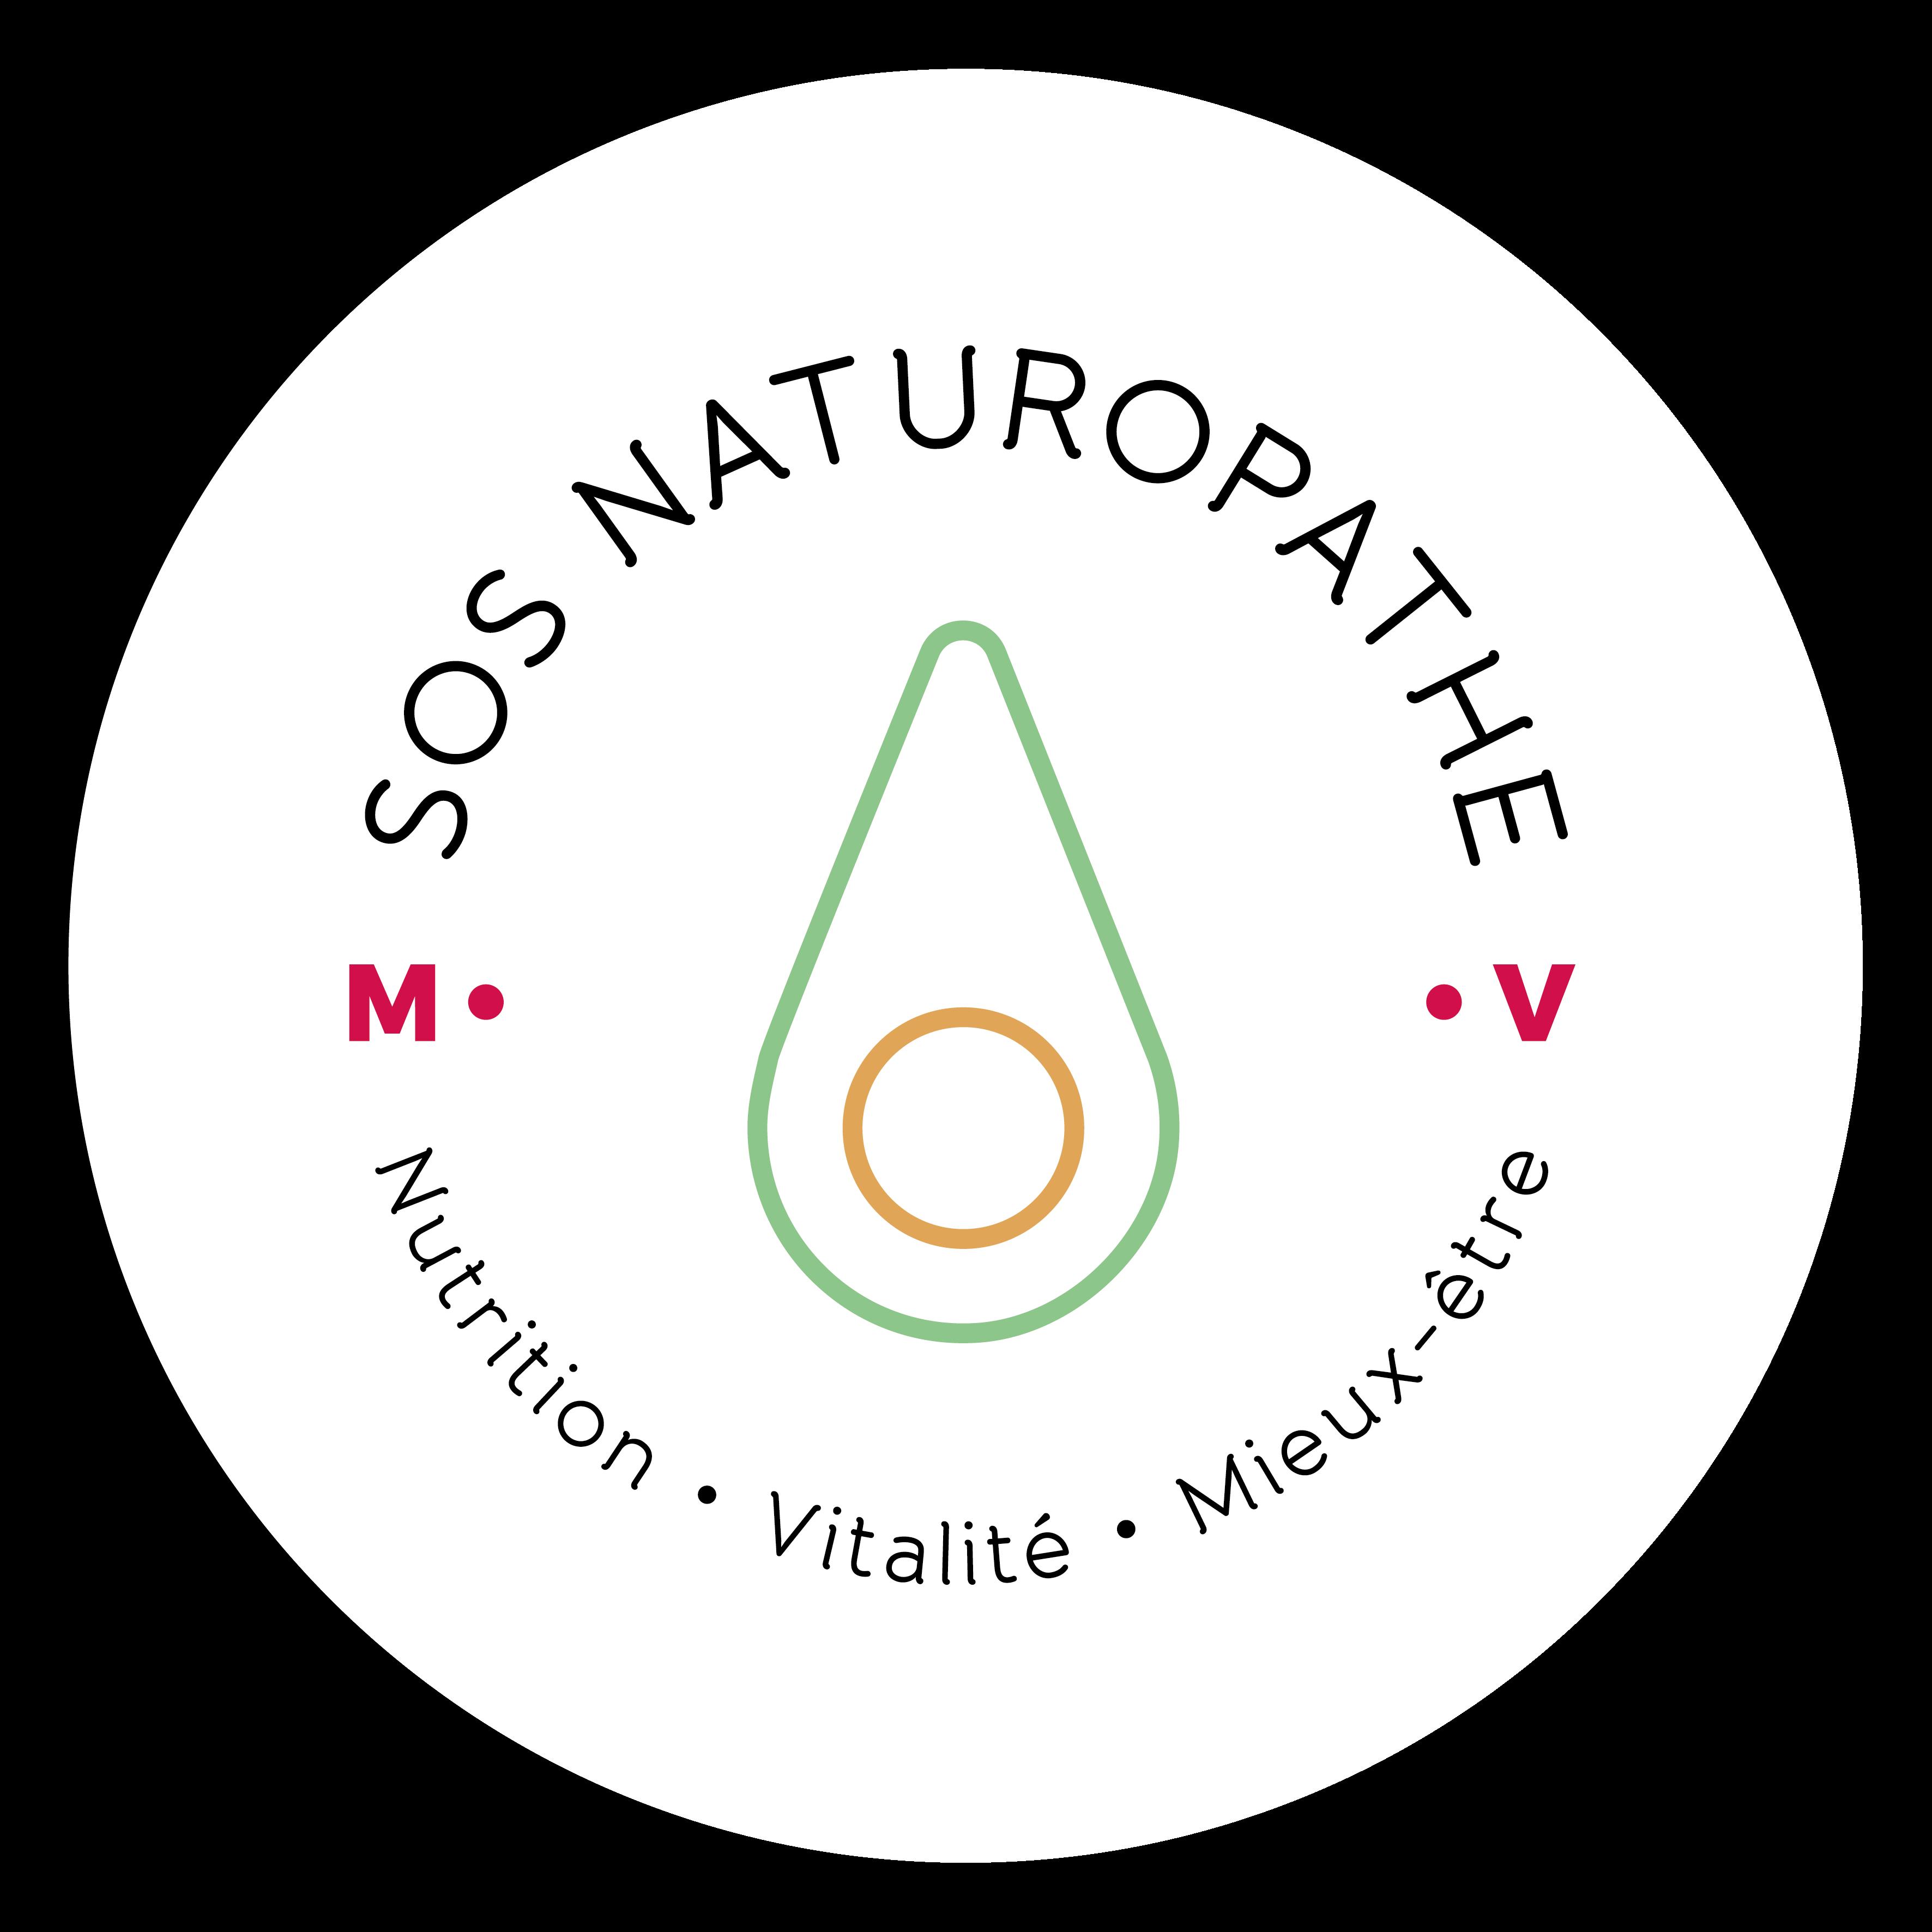 SOS Naturopathe.com